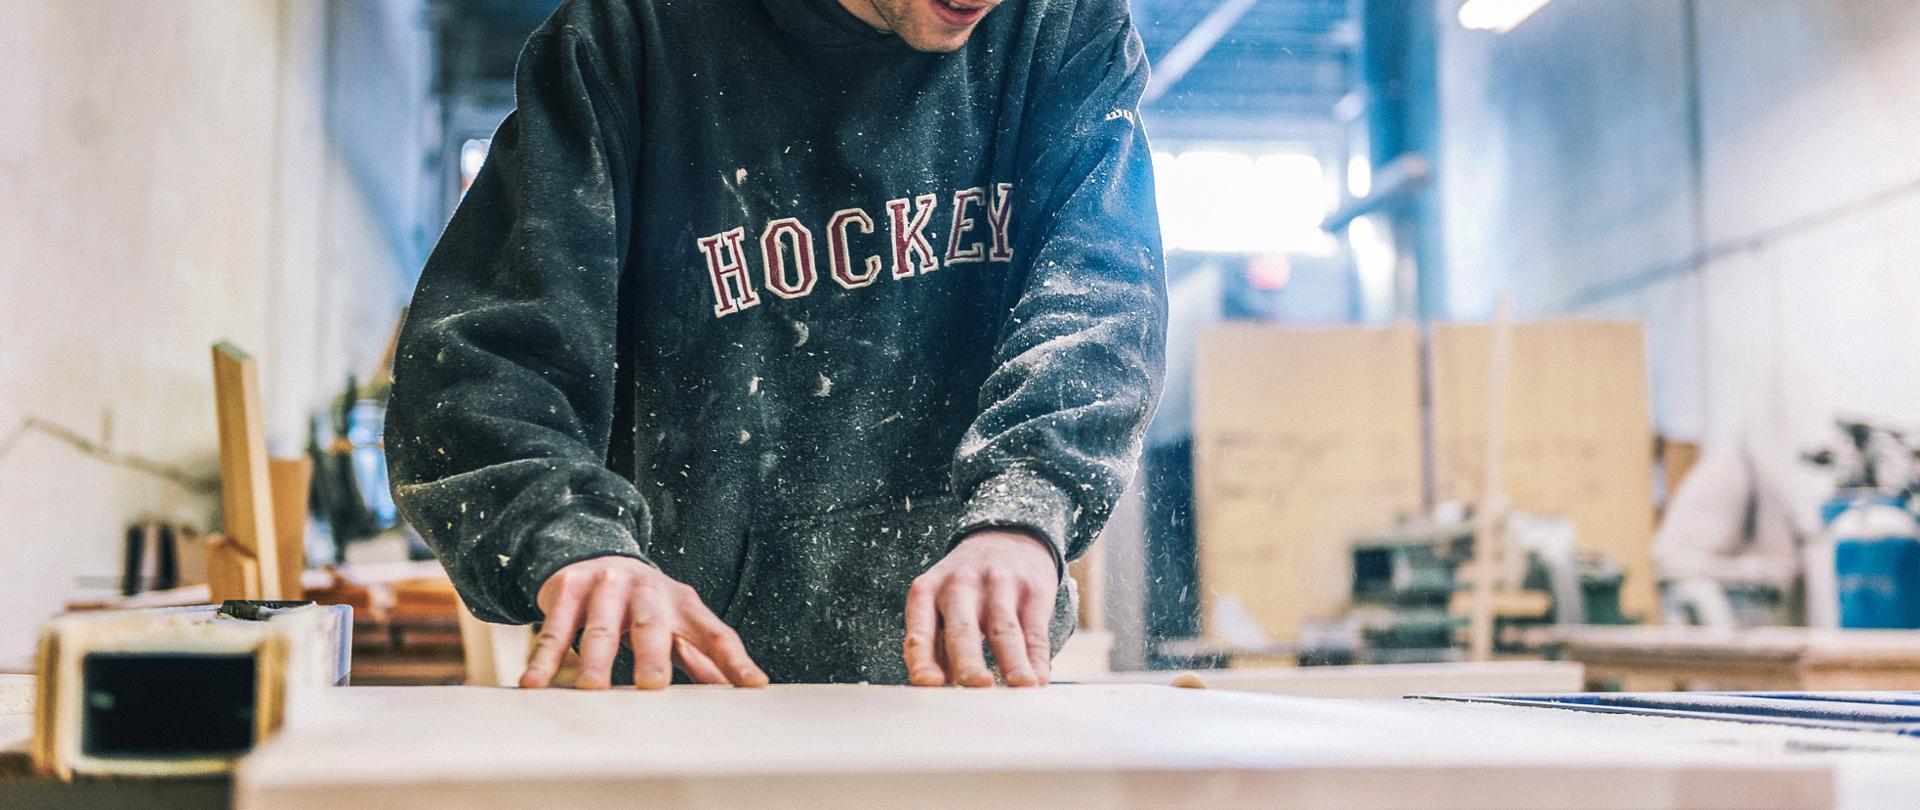 Pracownik stolarni - młody mężczyzna przy obróbce drewna